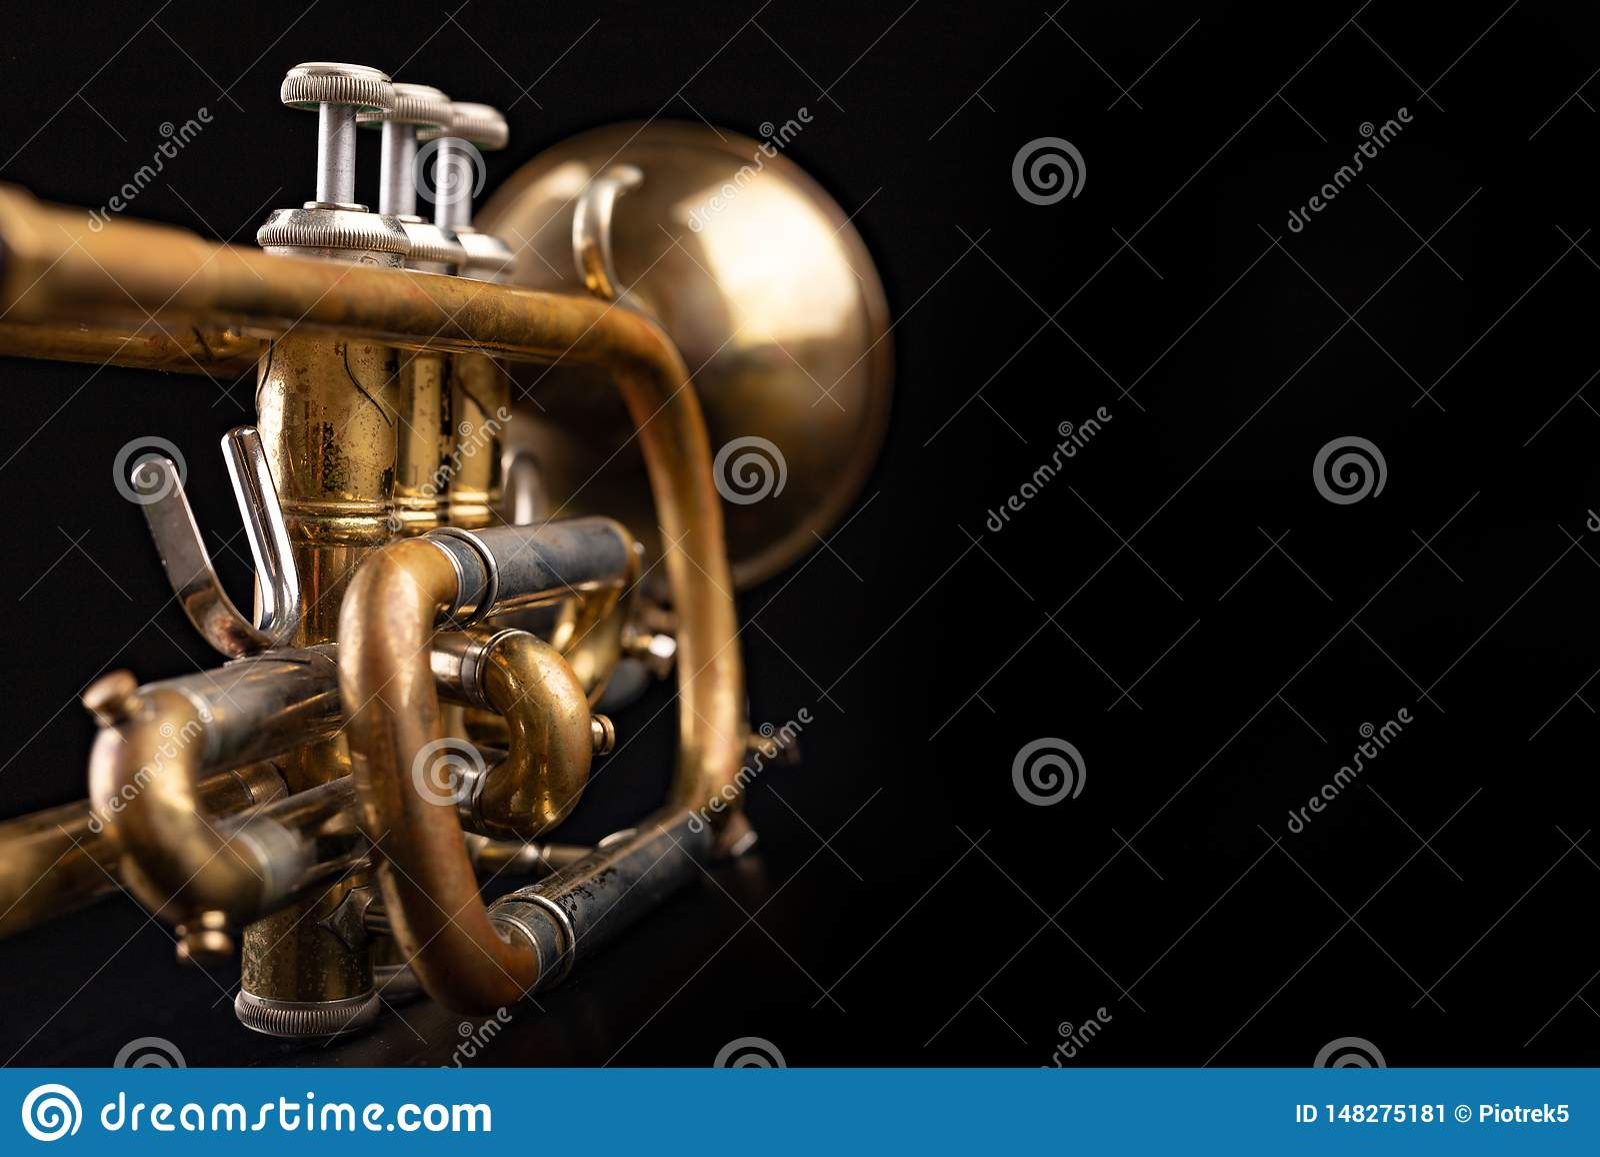 Vieille trompette sur une table en bois foncée Instrument de vent dans le style ancien